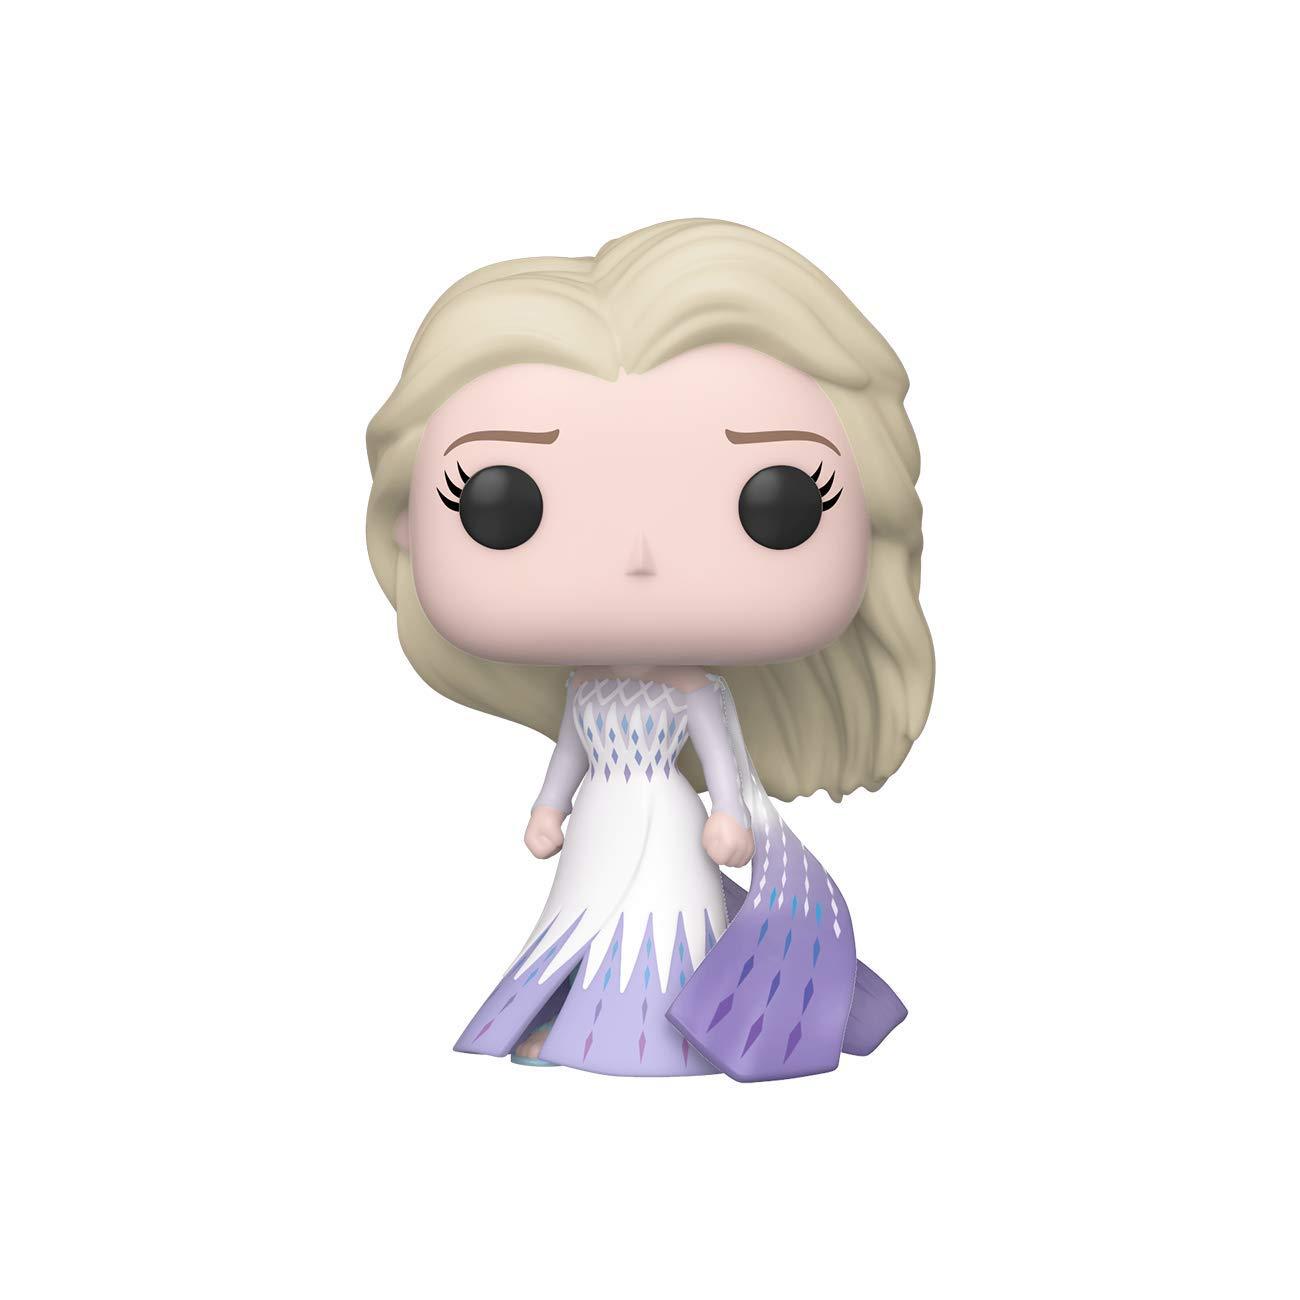 Funko Pop! Disney: Frozen 2 - Elsa (Epilogue Dress) Vinyl Figure